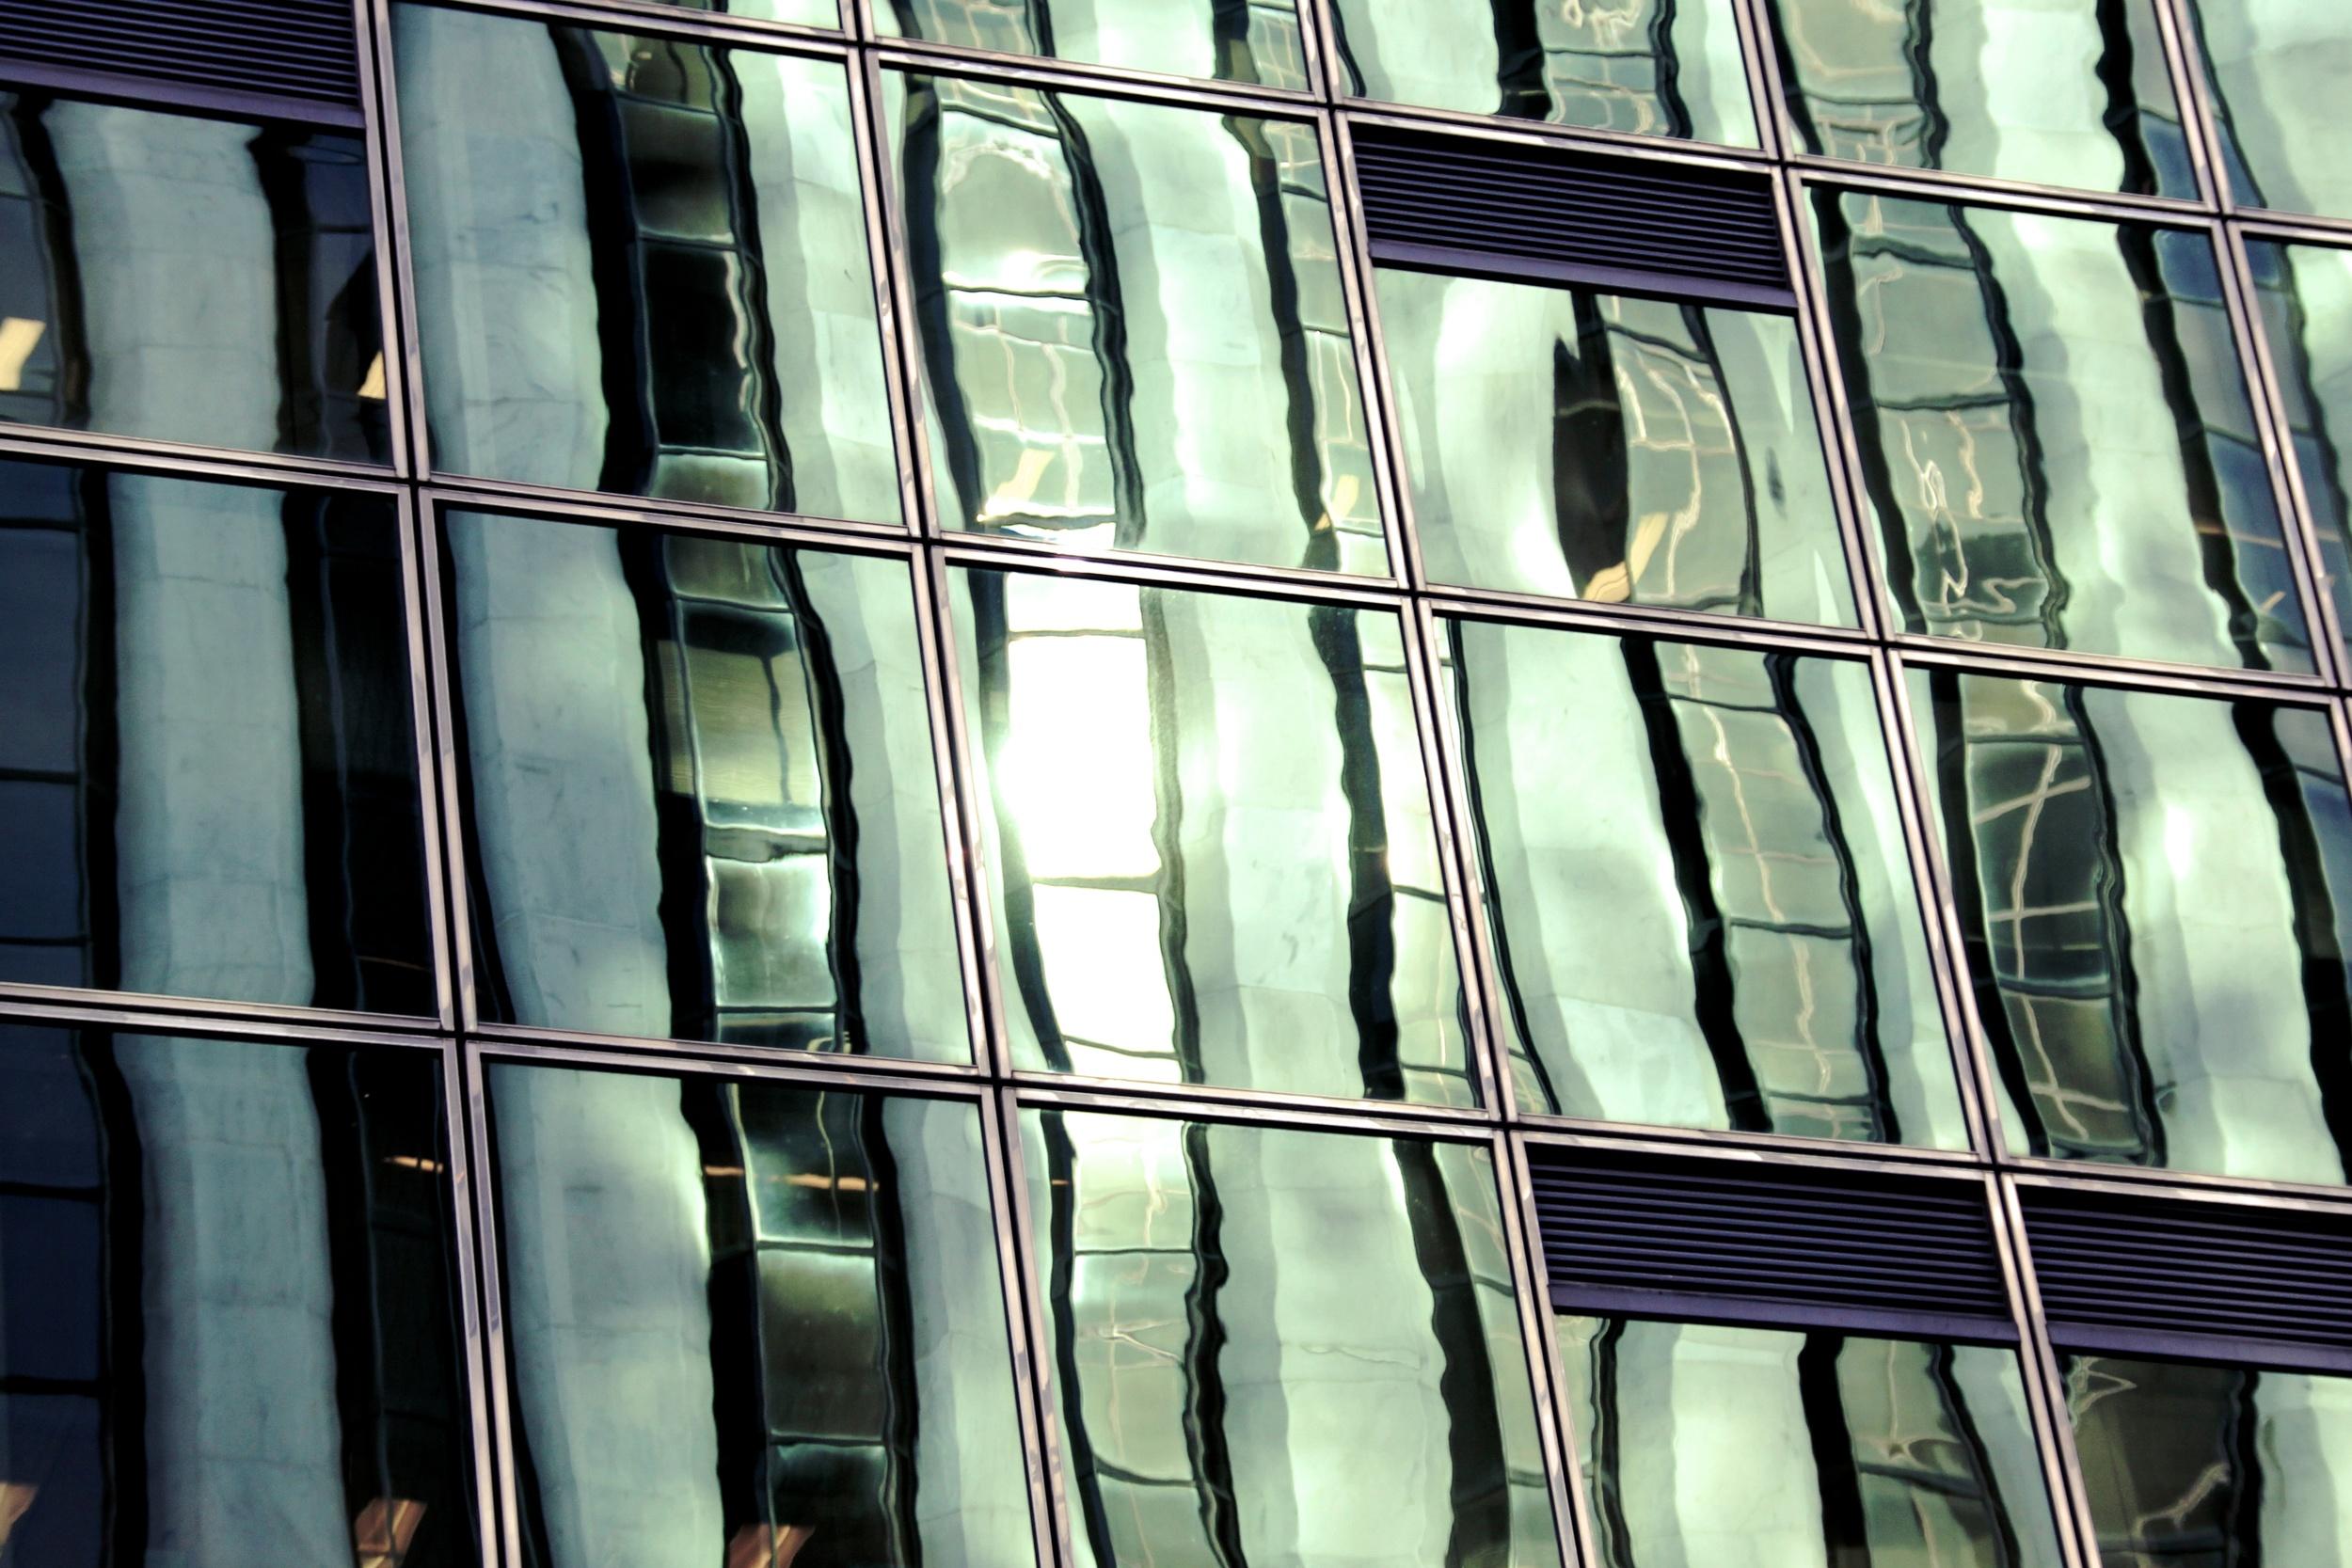 2011-11-26-07-09-43-PM-LA(0)-LO(0).jpg